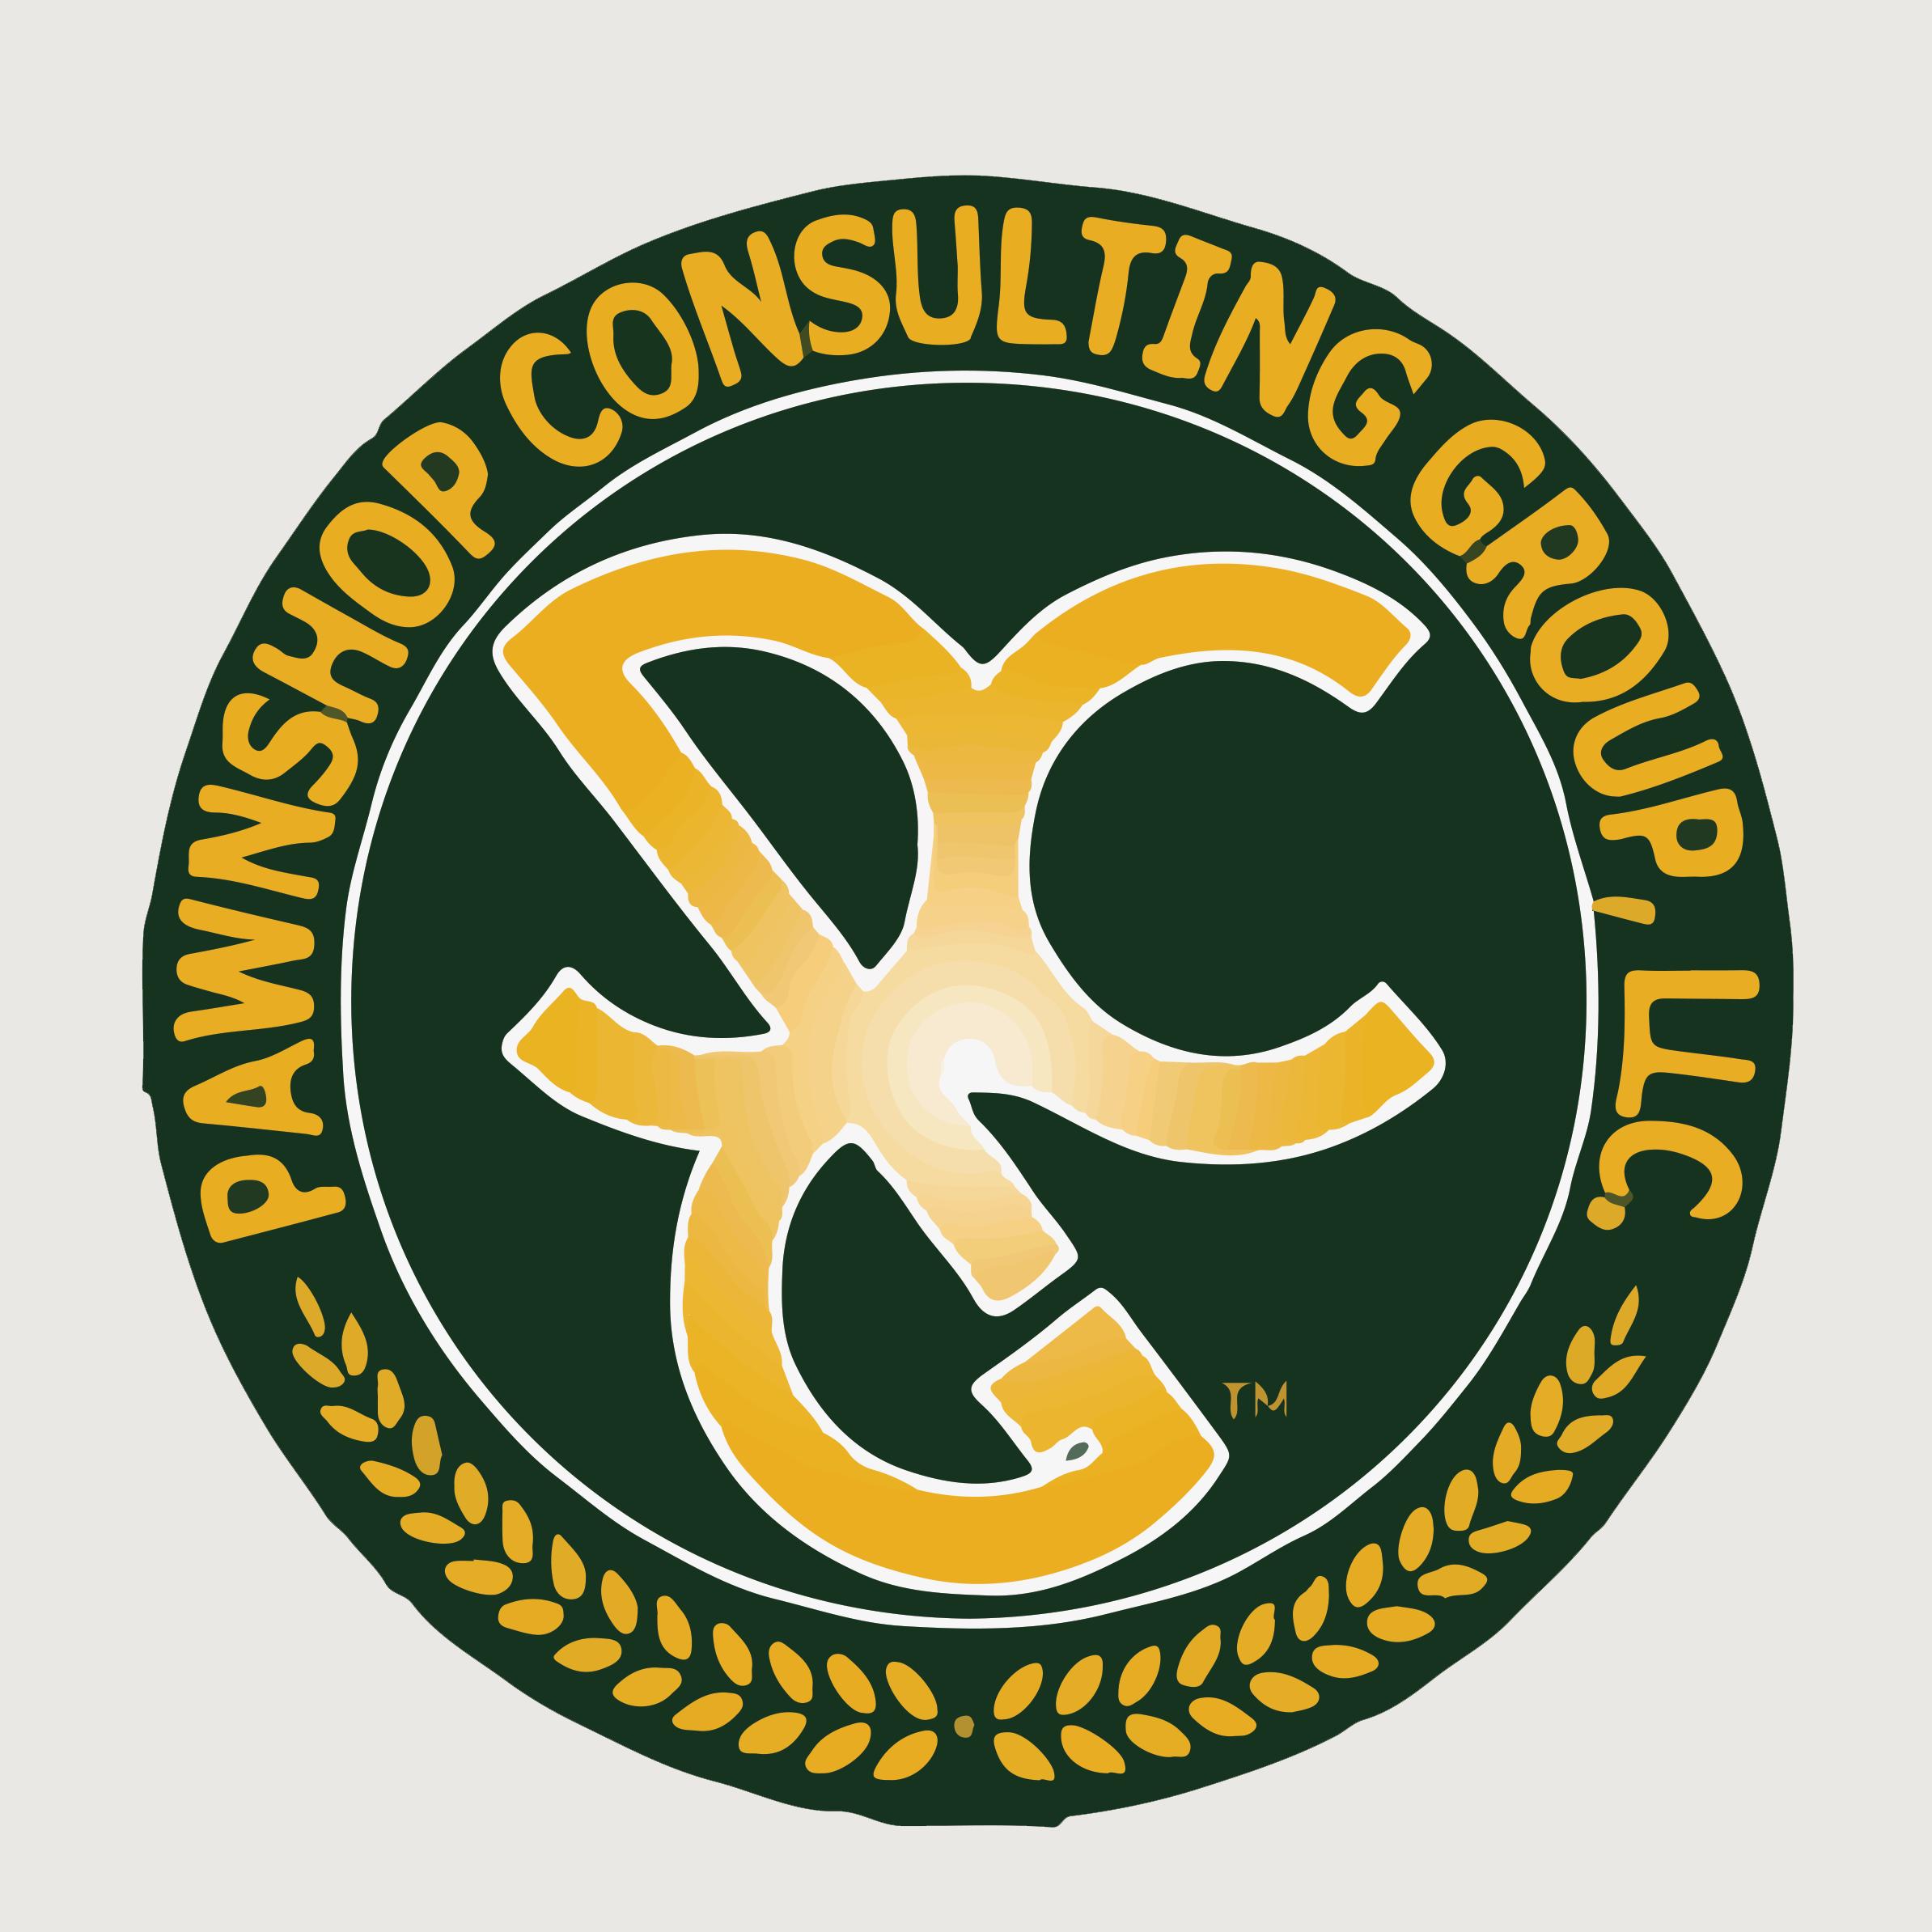 PCG.png